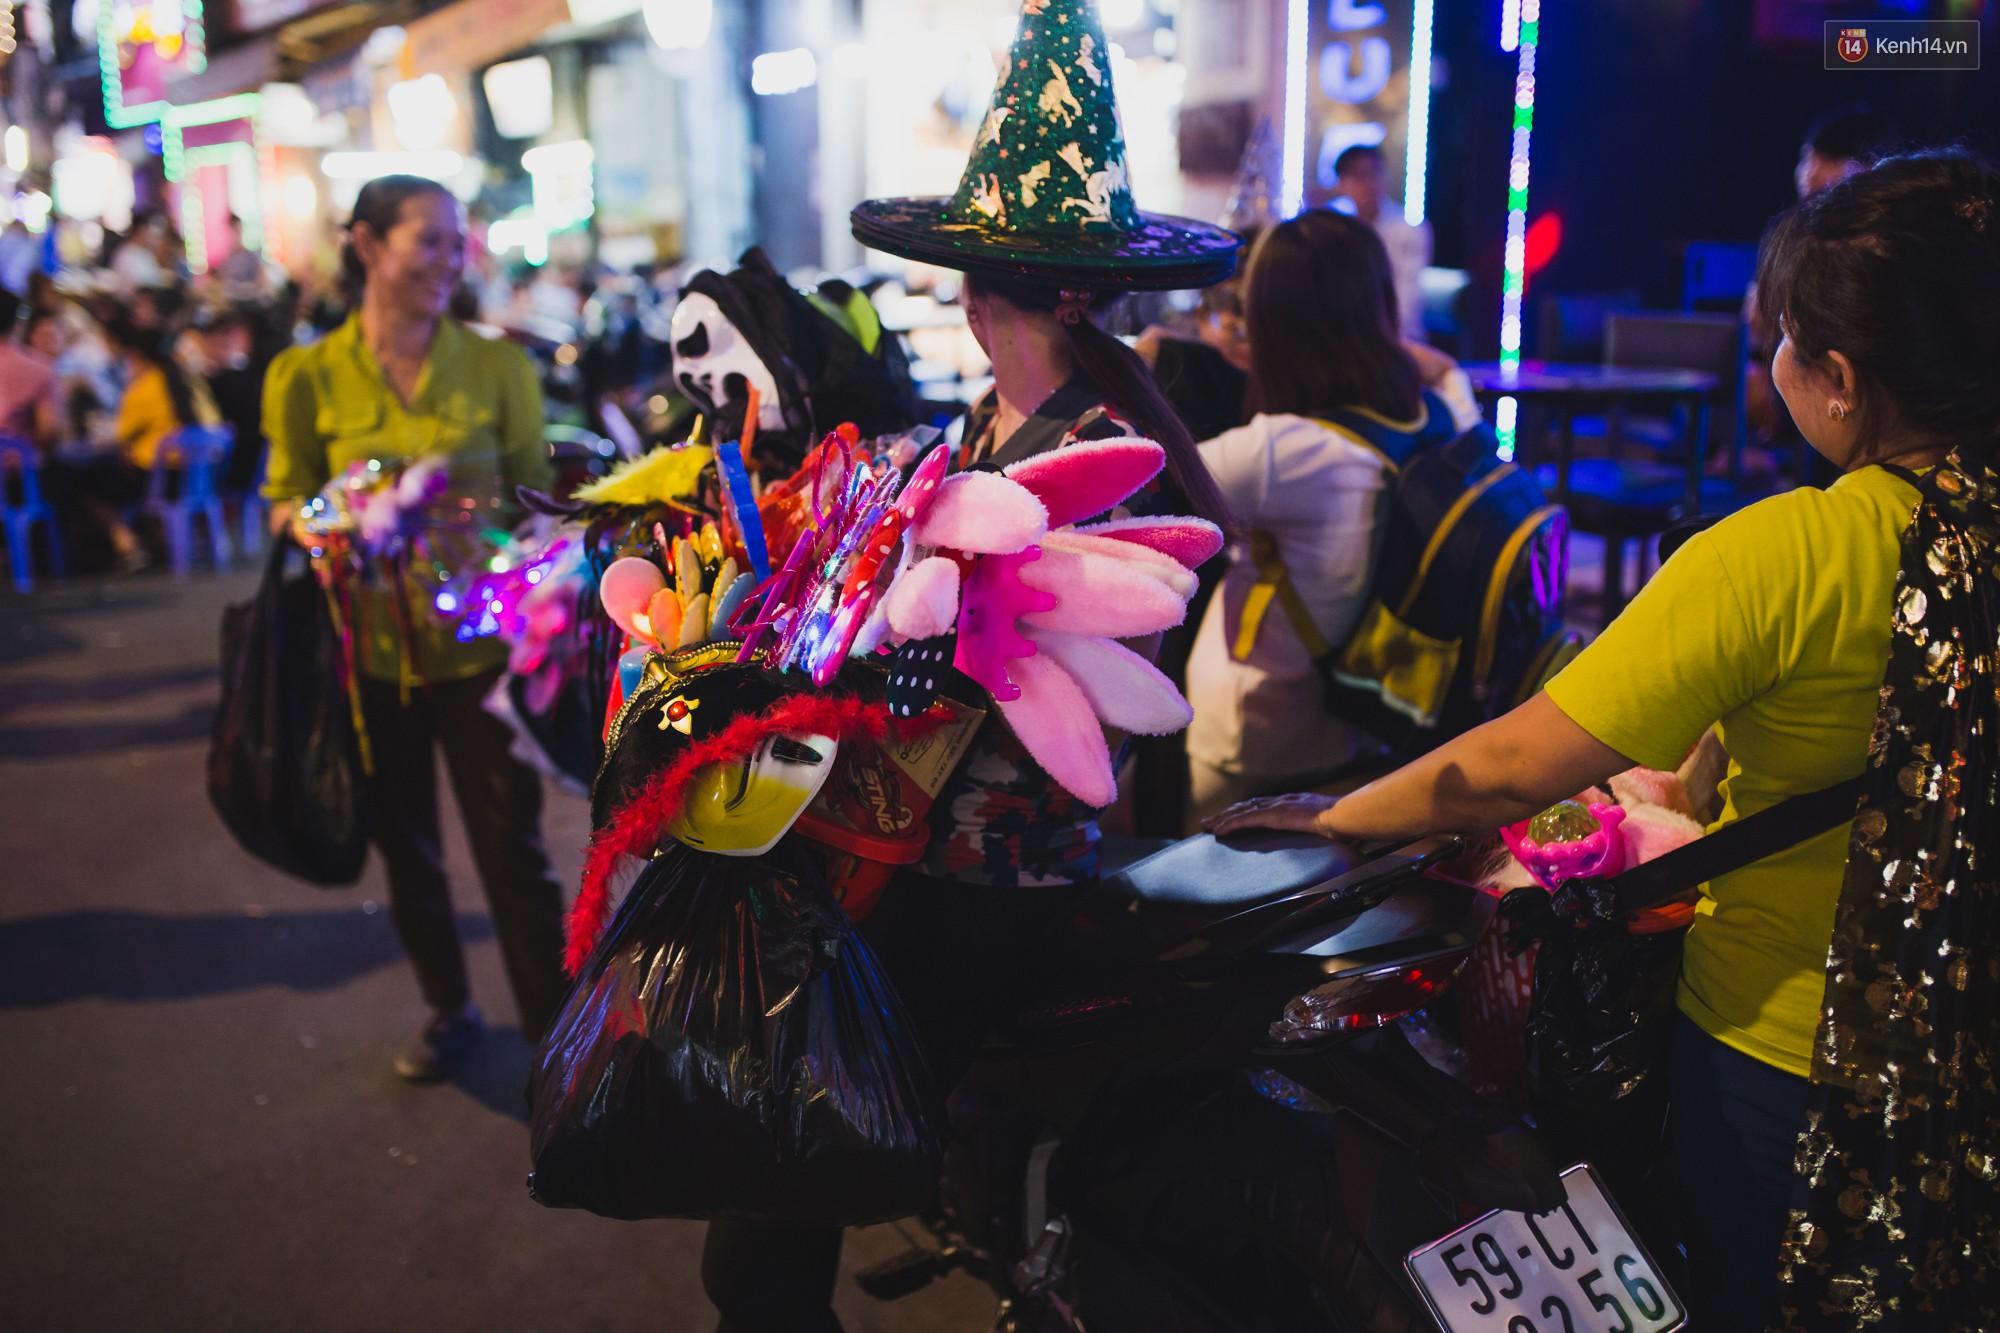 Hà Nội và Sài Gòn tràn ngập ma quỷ đêm Halloween: Từ cương thi, vô diện đến phù thủy tưng bừng xuống phố - Ảnh 15.